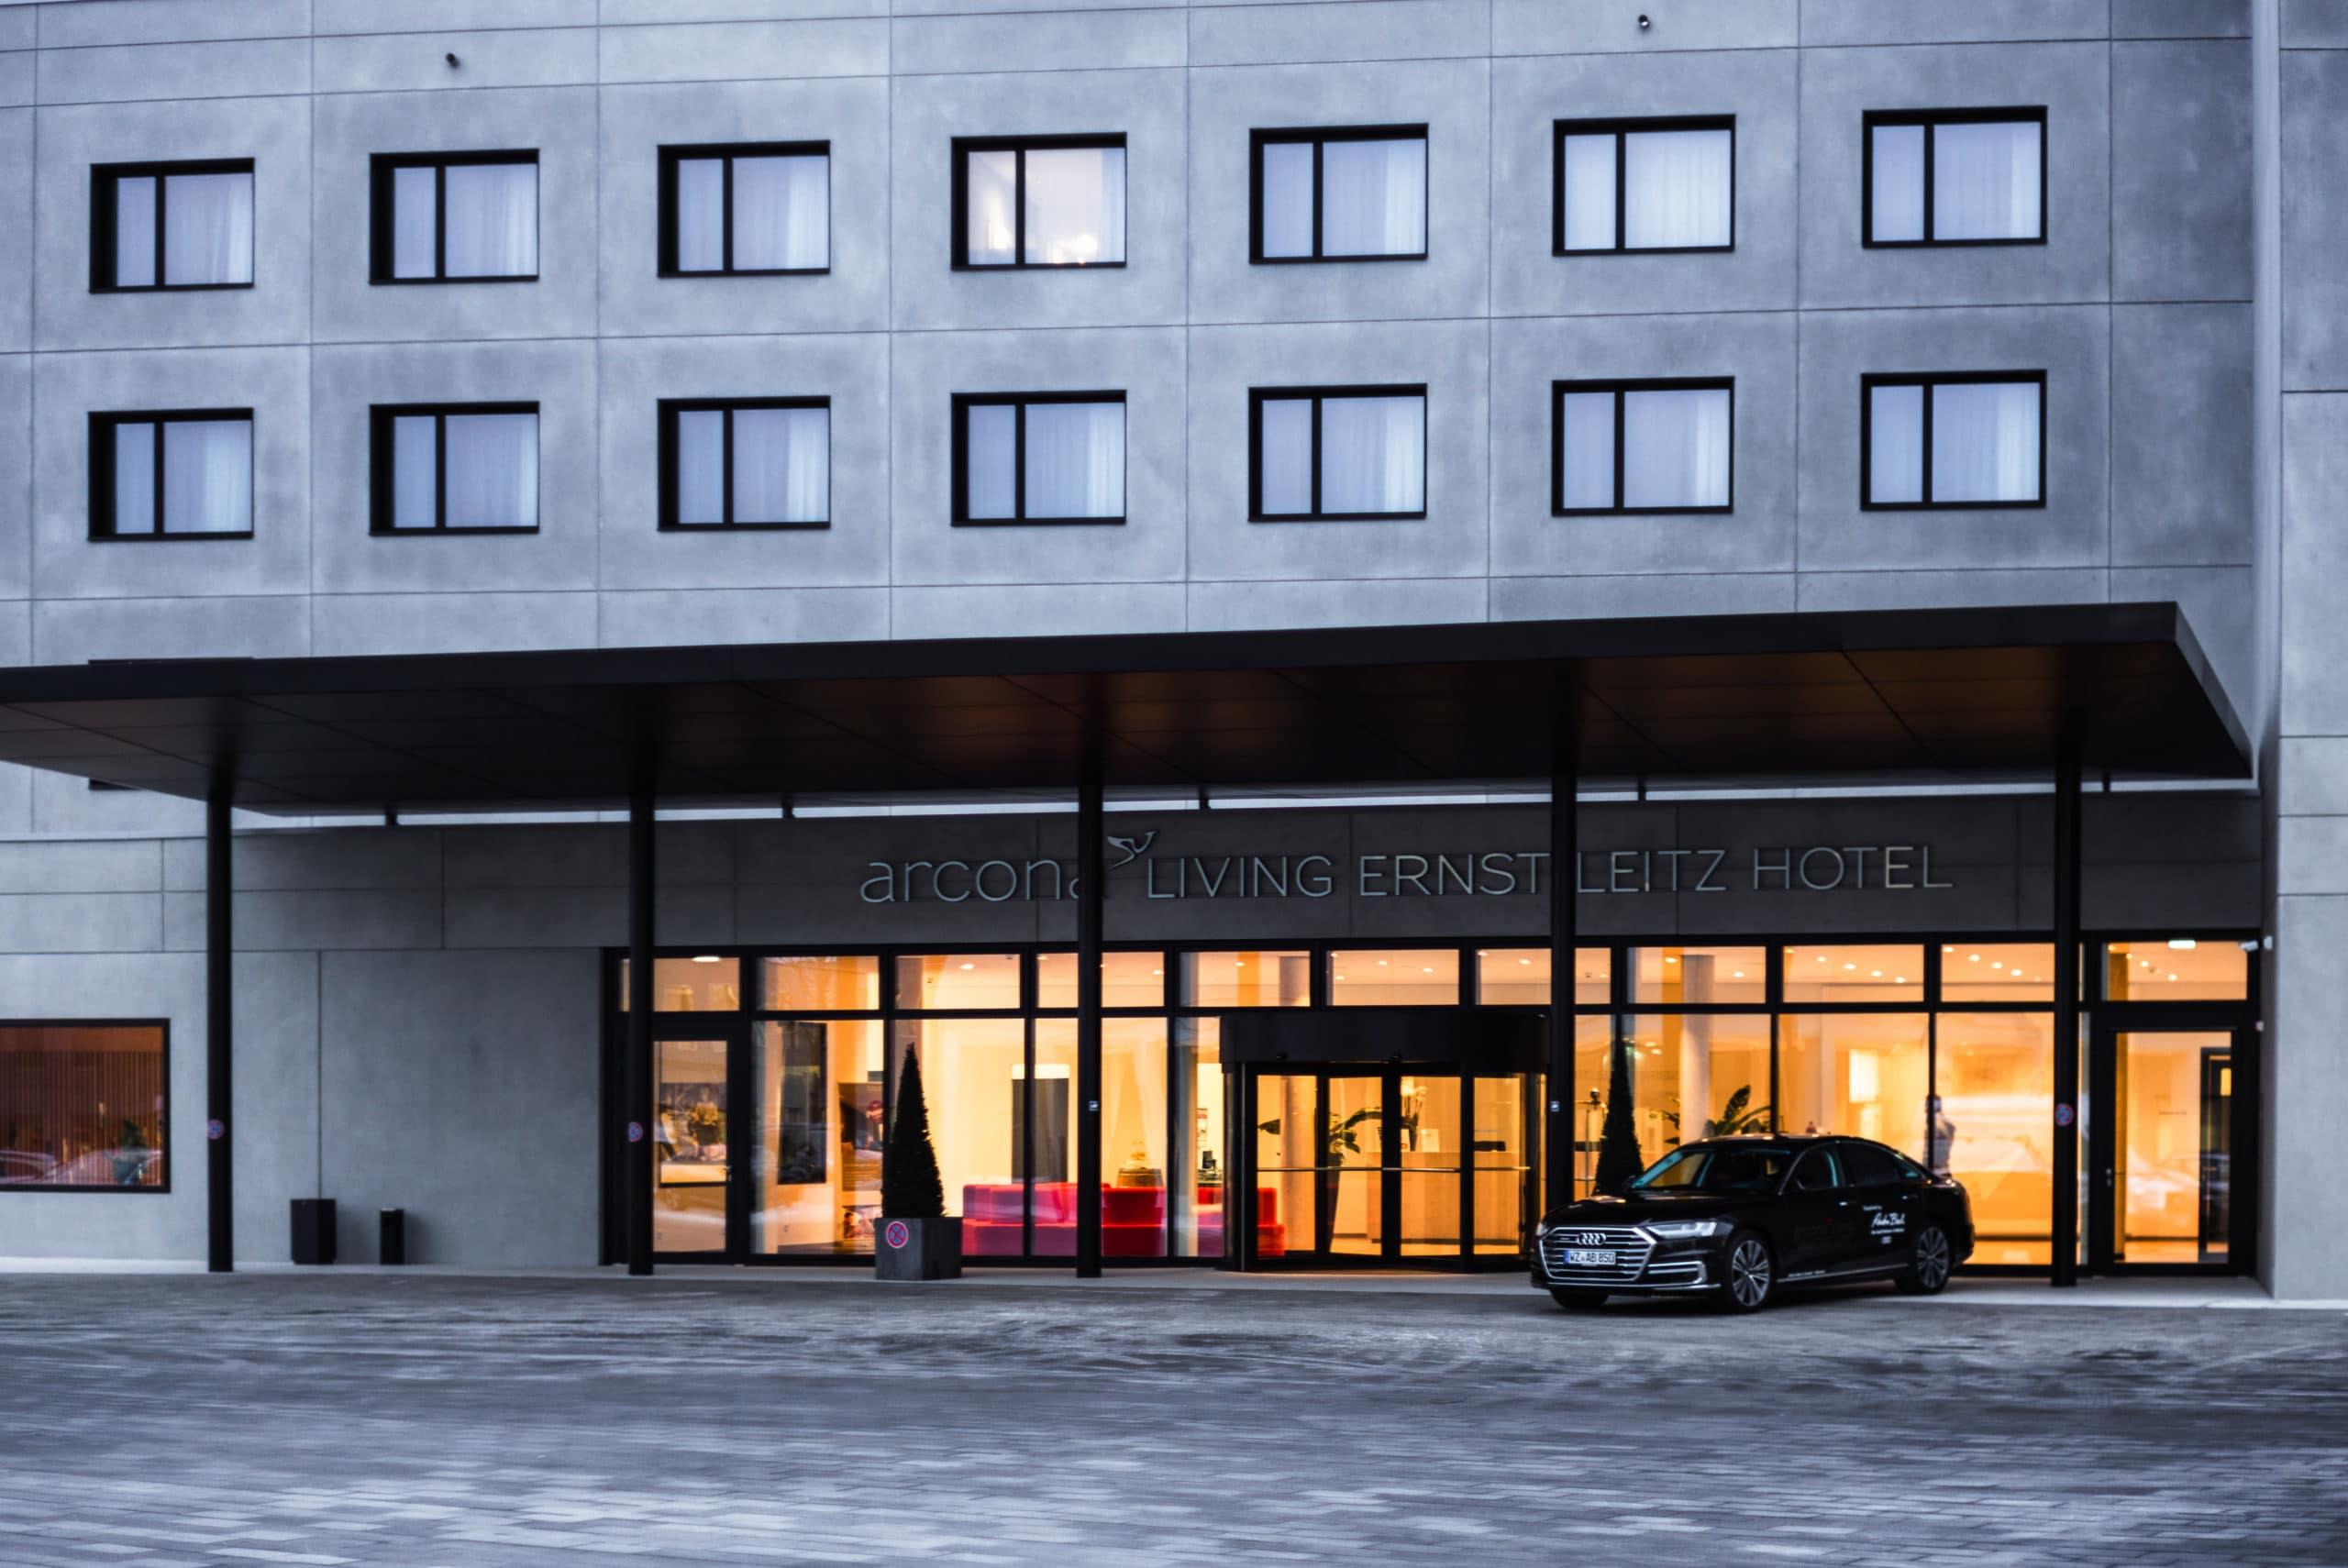 Architekturaufnahme vom Eingangsbereich des Ernst Leitz Hotels in der Dämmerung | Architektur Fotograf in der Region Osnabrück Münster Bielefeld